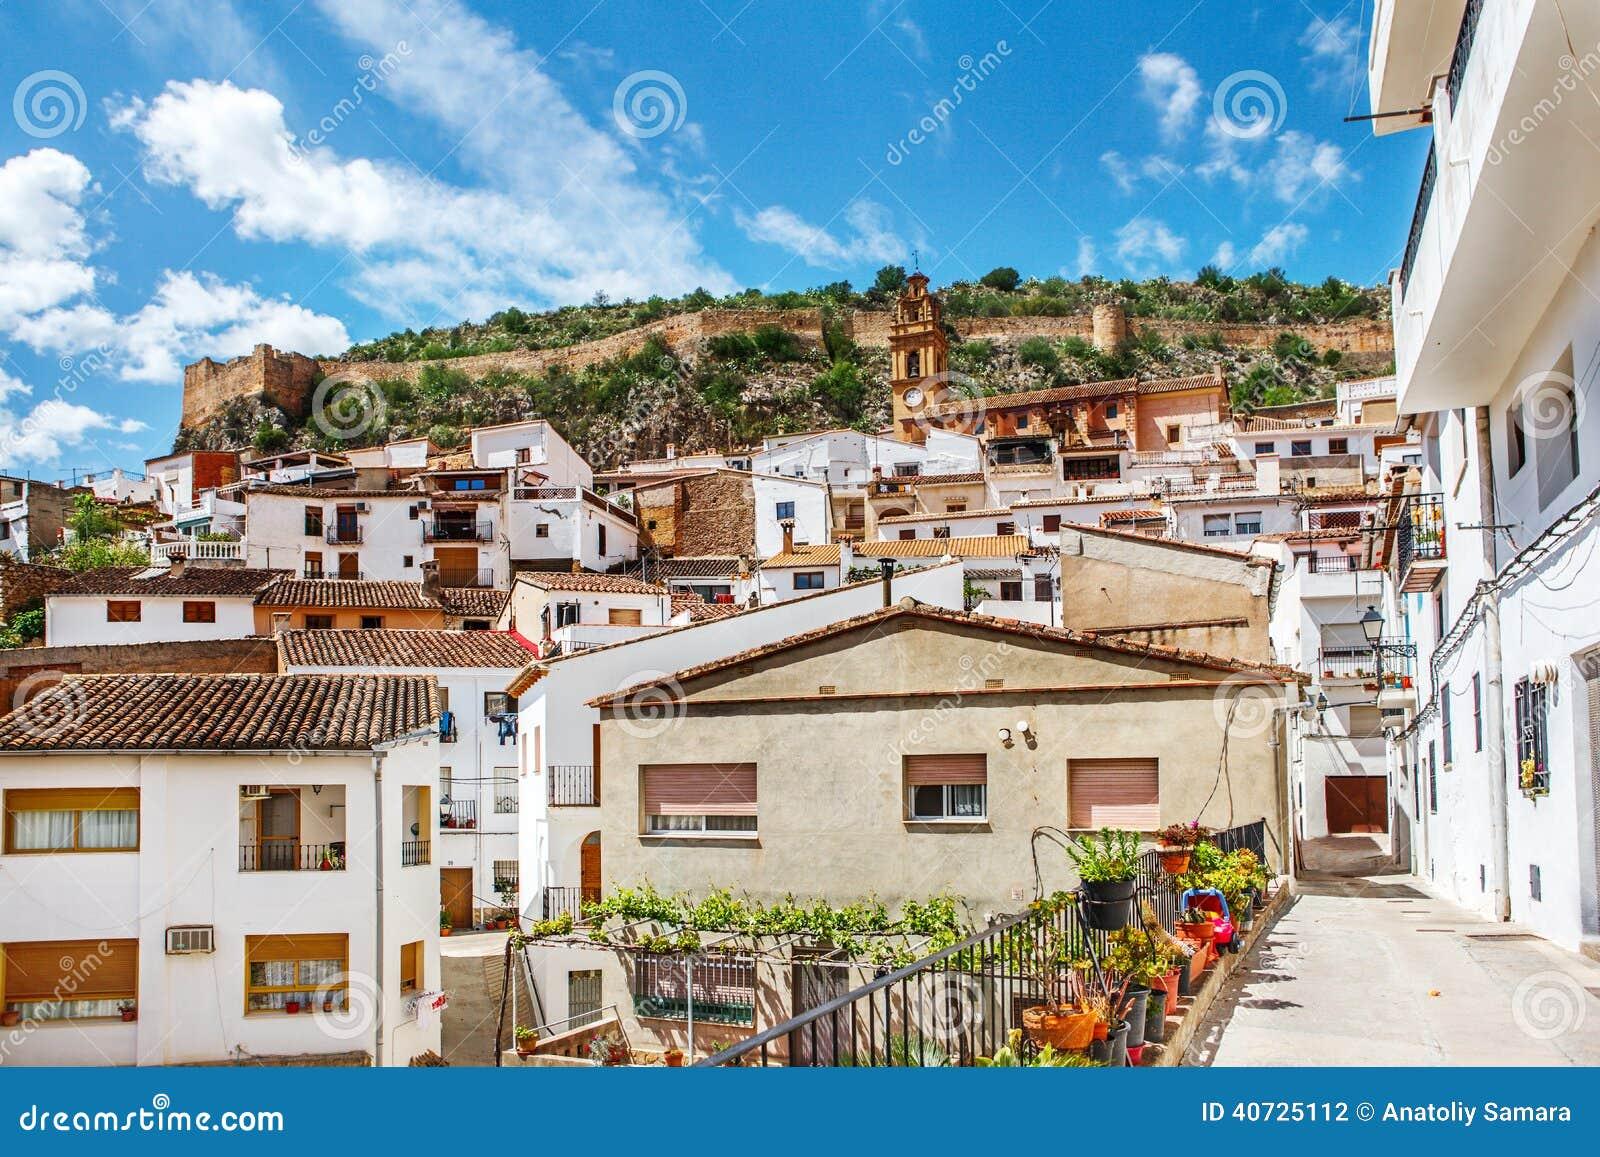 wei e h user in chulilla dorf spanien stockfoto bild von fr hling szenisch 40725112. Black Bedroom Furniture Sets. Home Design Ideas